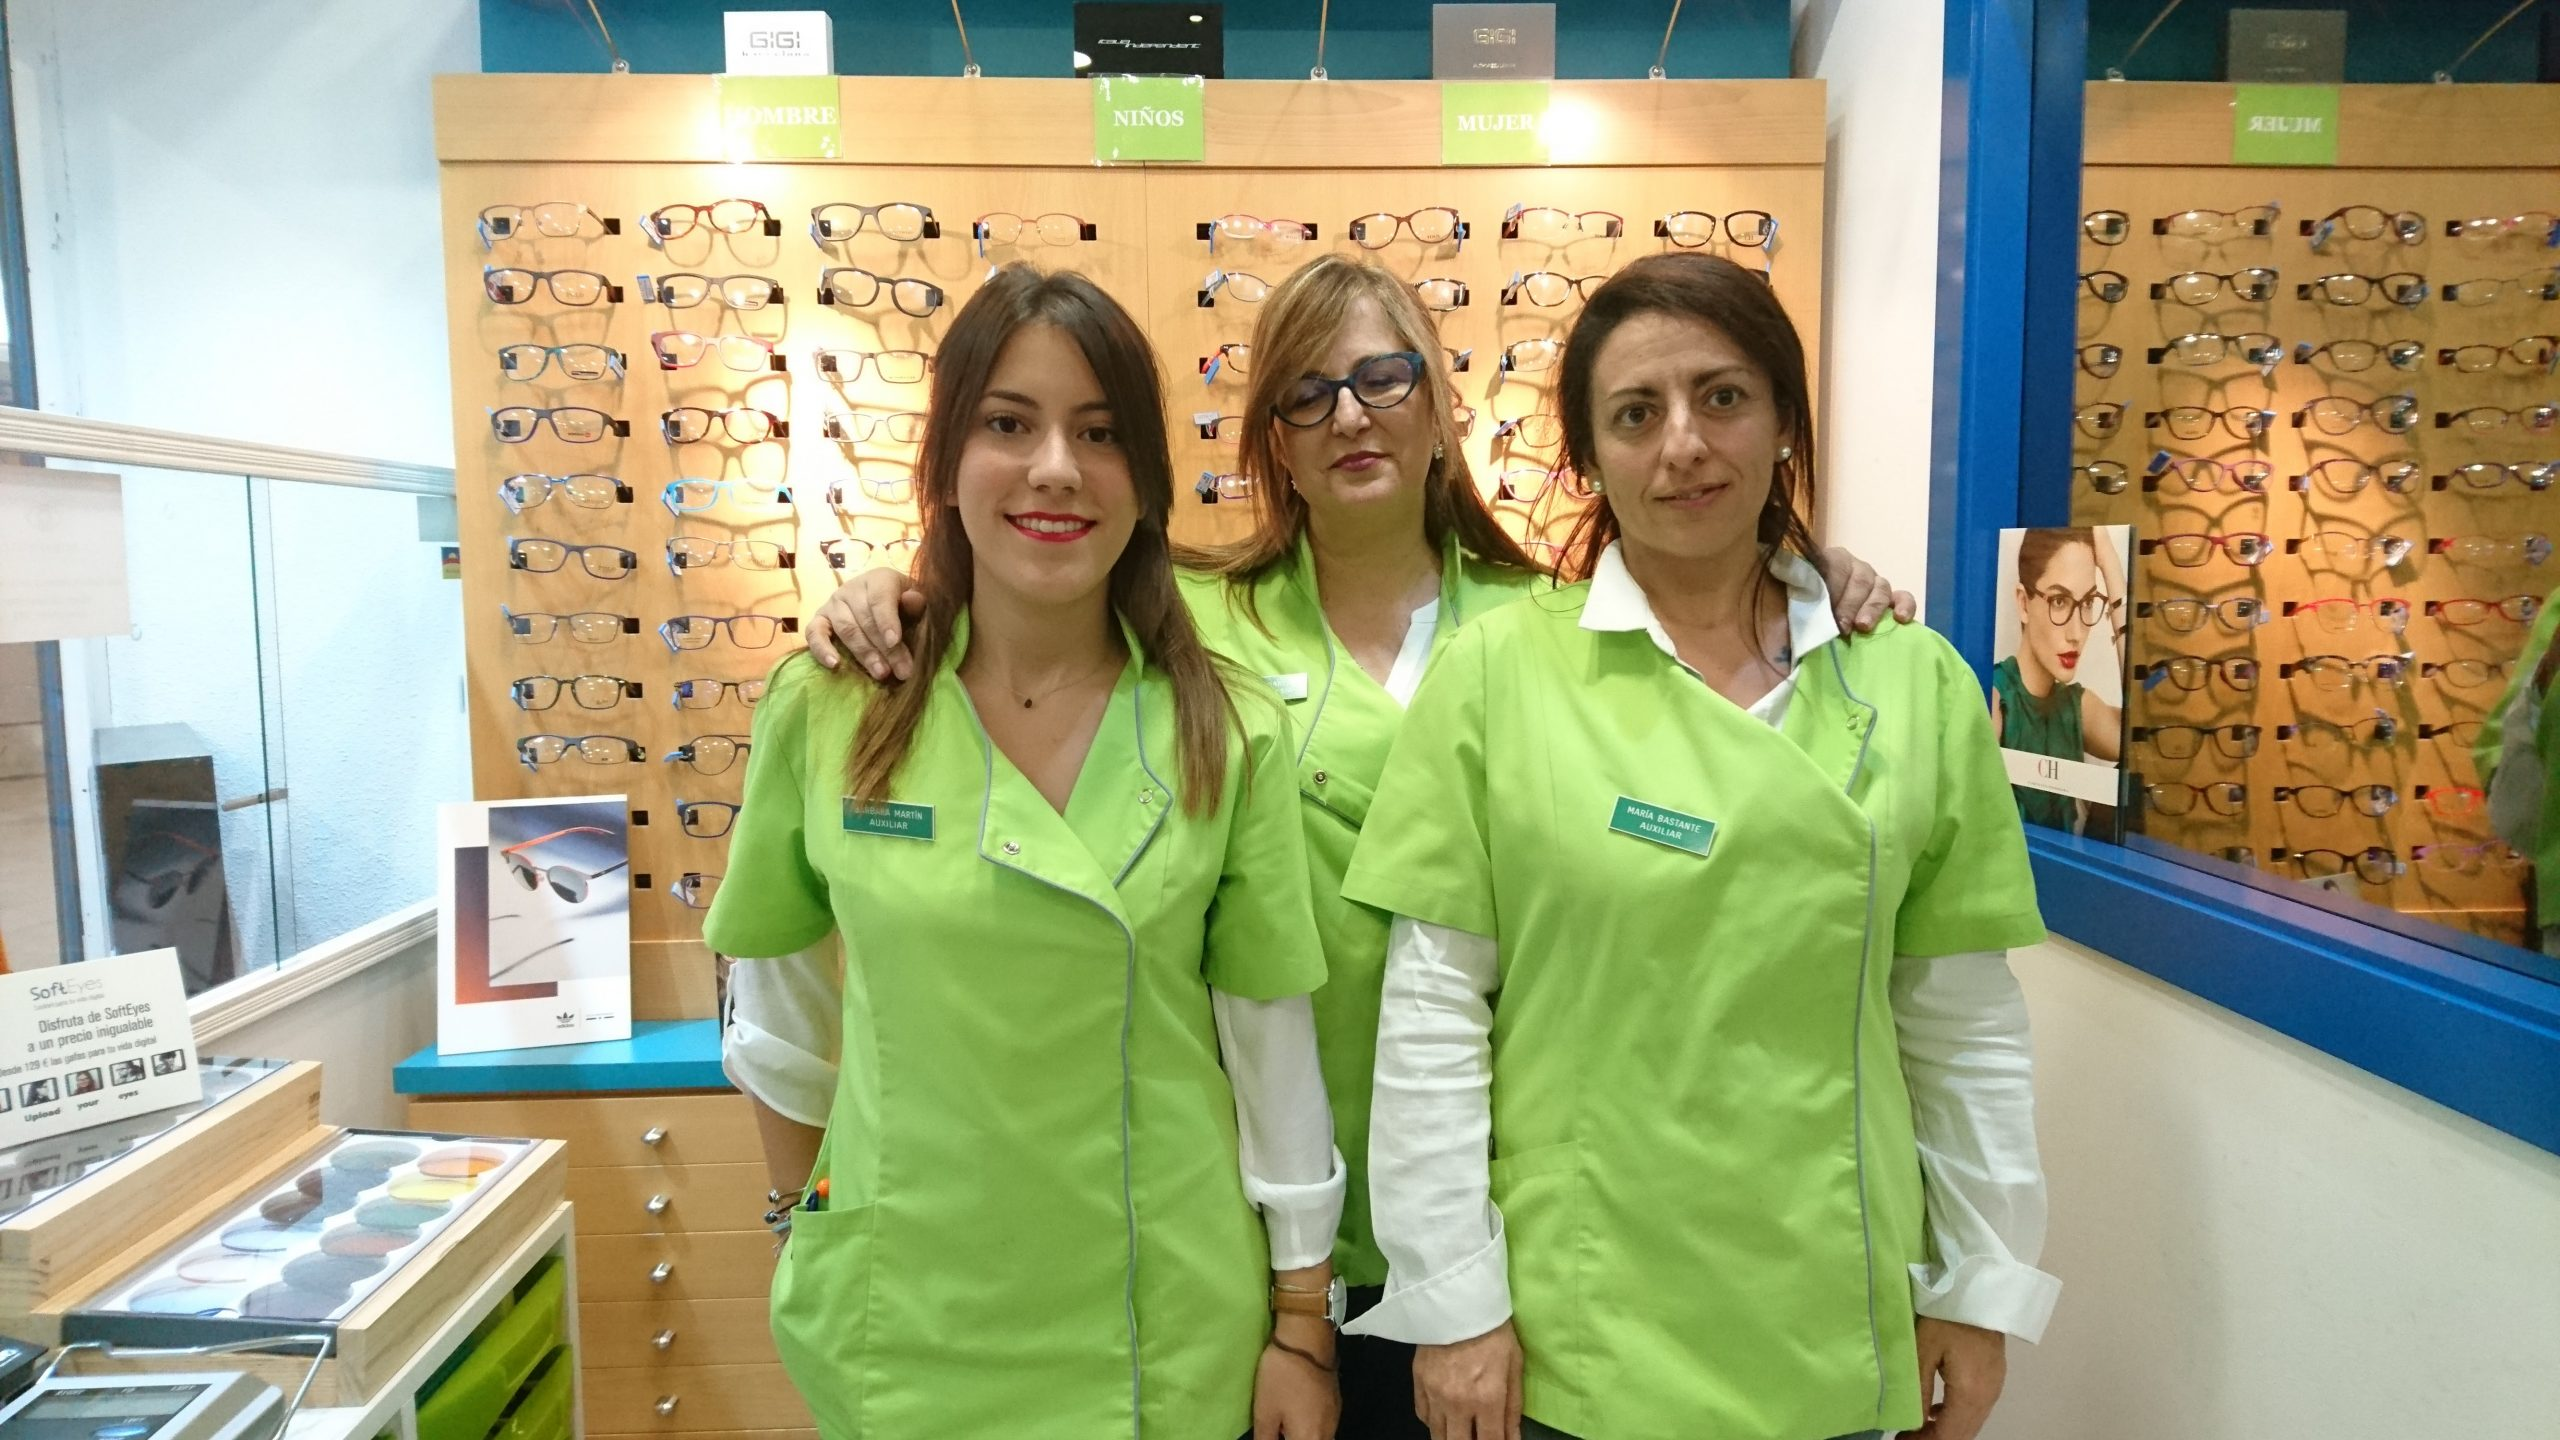 Entrevista y reportaje a Opticlass Centro Óptico: 26 años atendiendo la salud visual en toda España